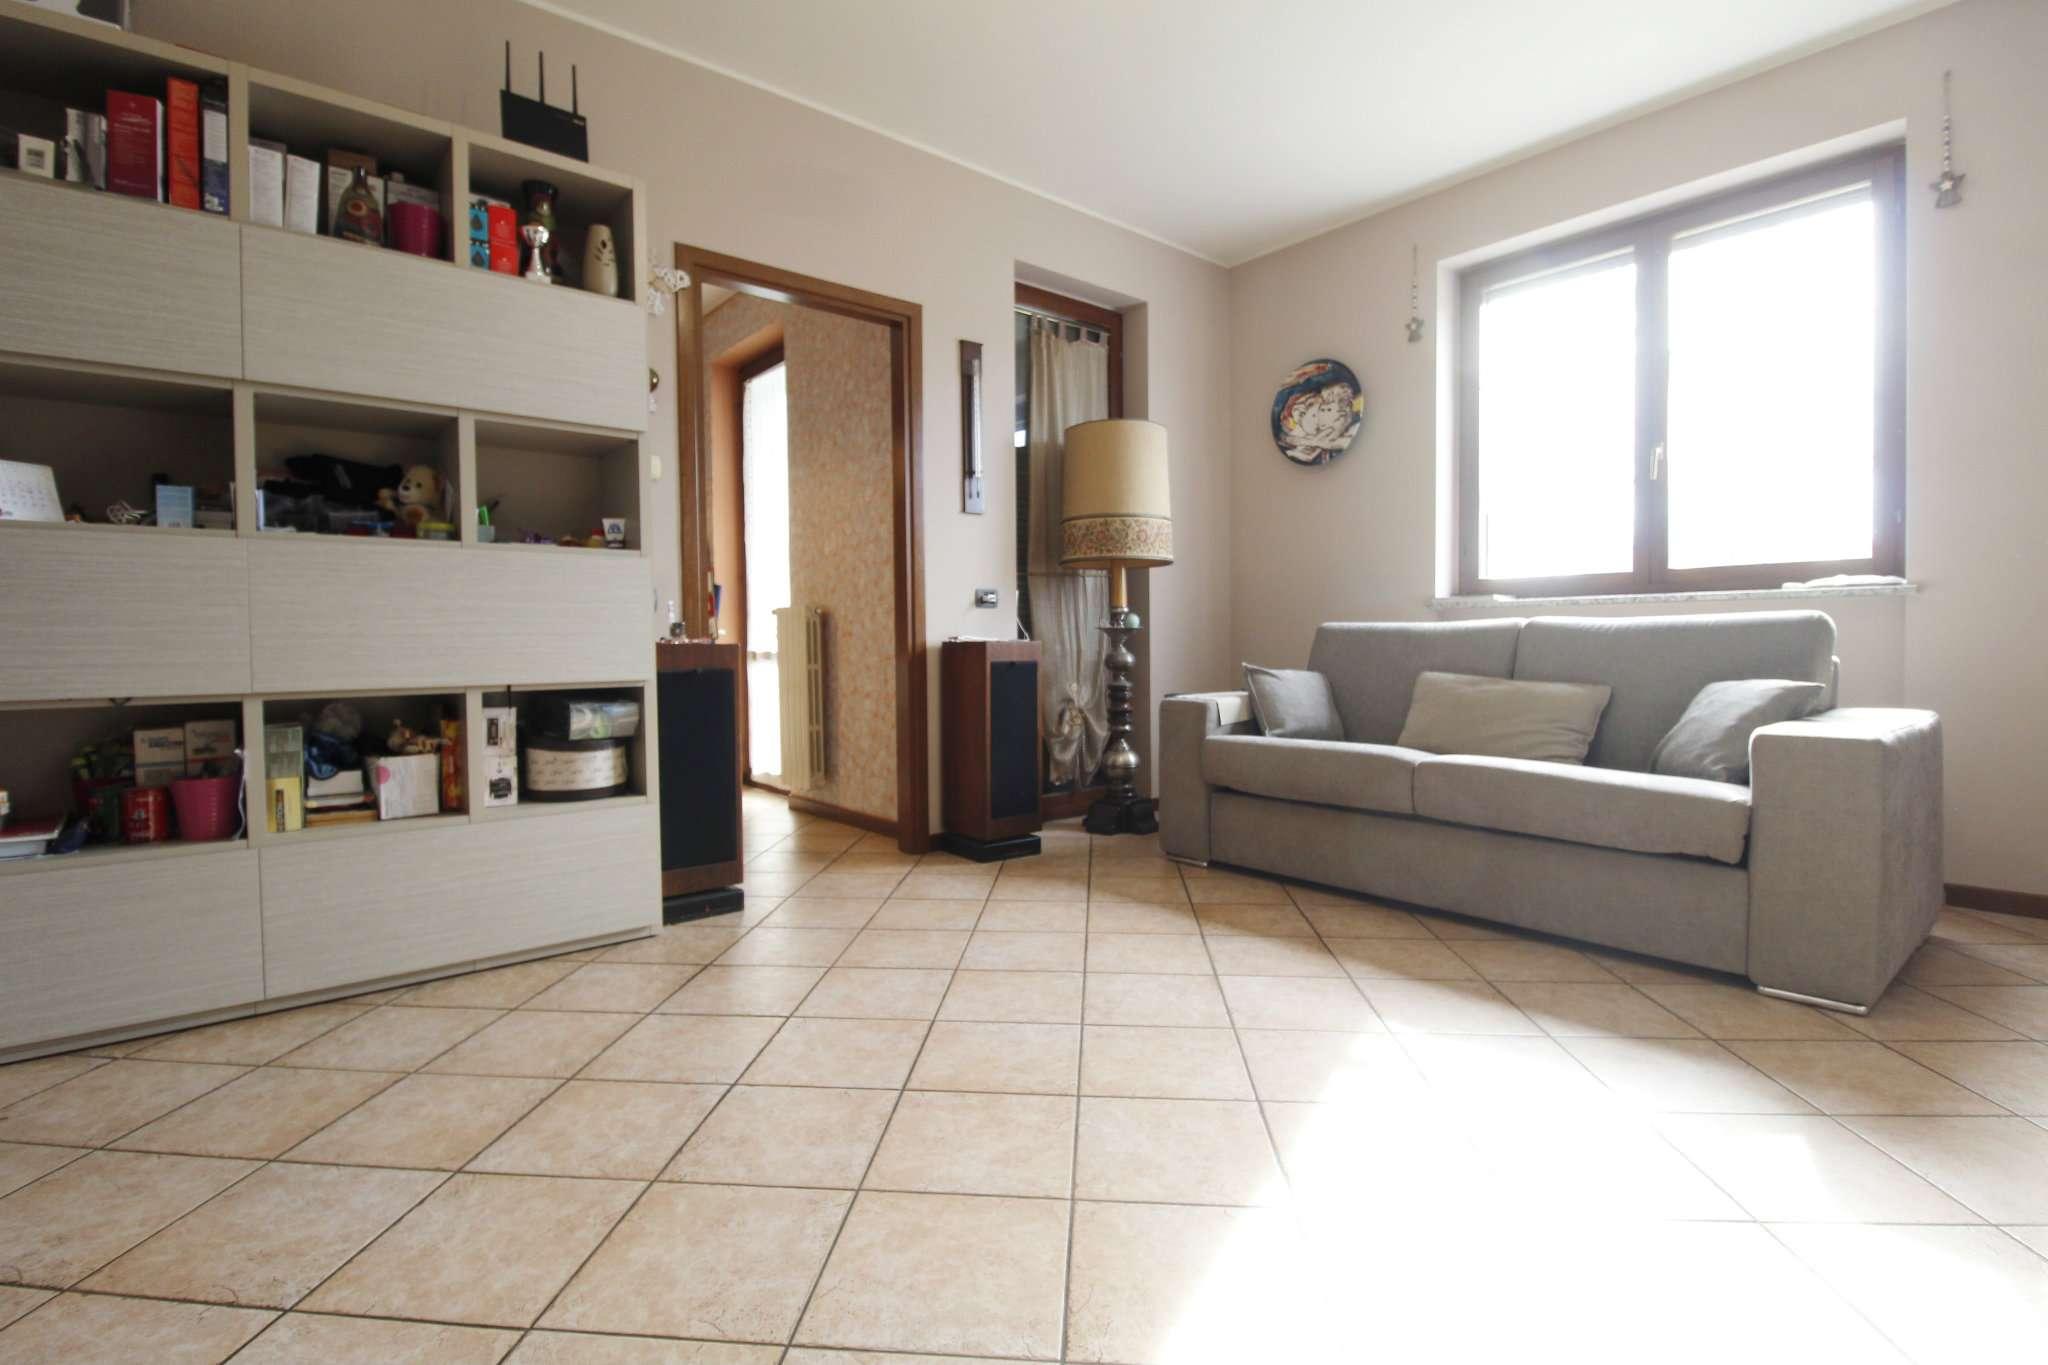 Appartamento in vendita a Sulbiate, 2 locali, prezzo € 117.000 | CambioCasa.it